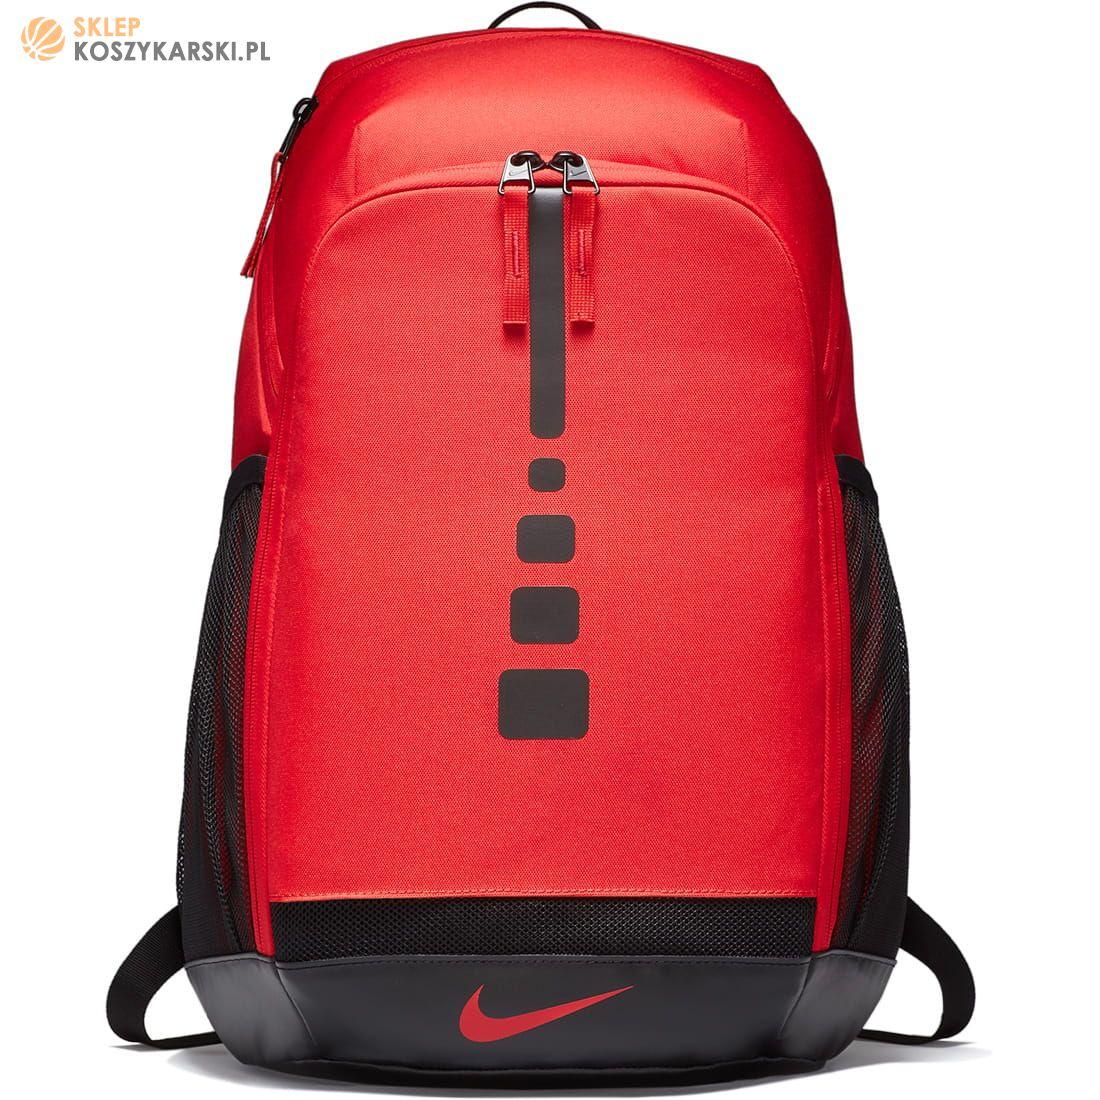 56f76a59e0c4e Plecak Basketball Nike Hoops Elite Varsity (Red)